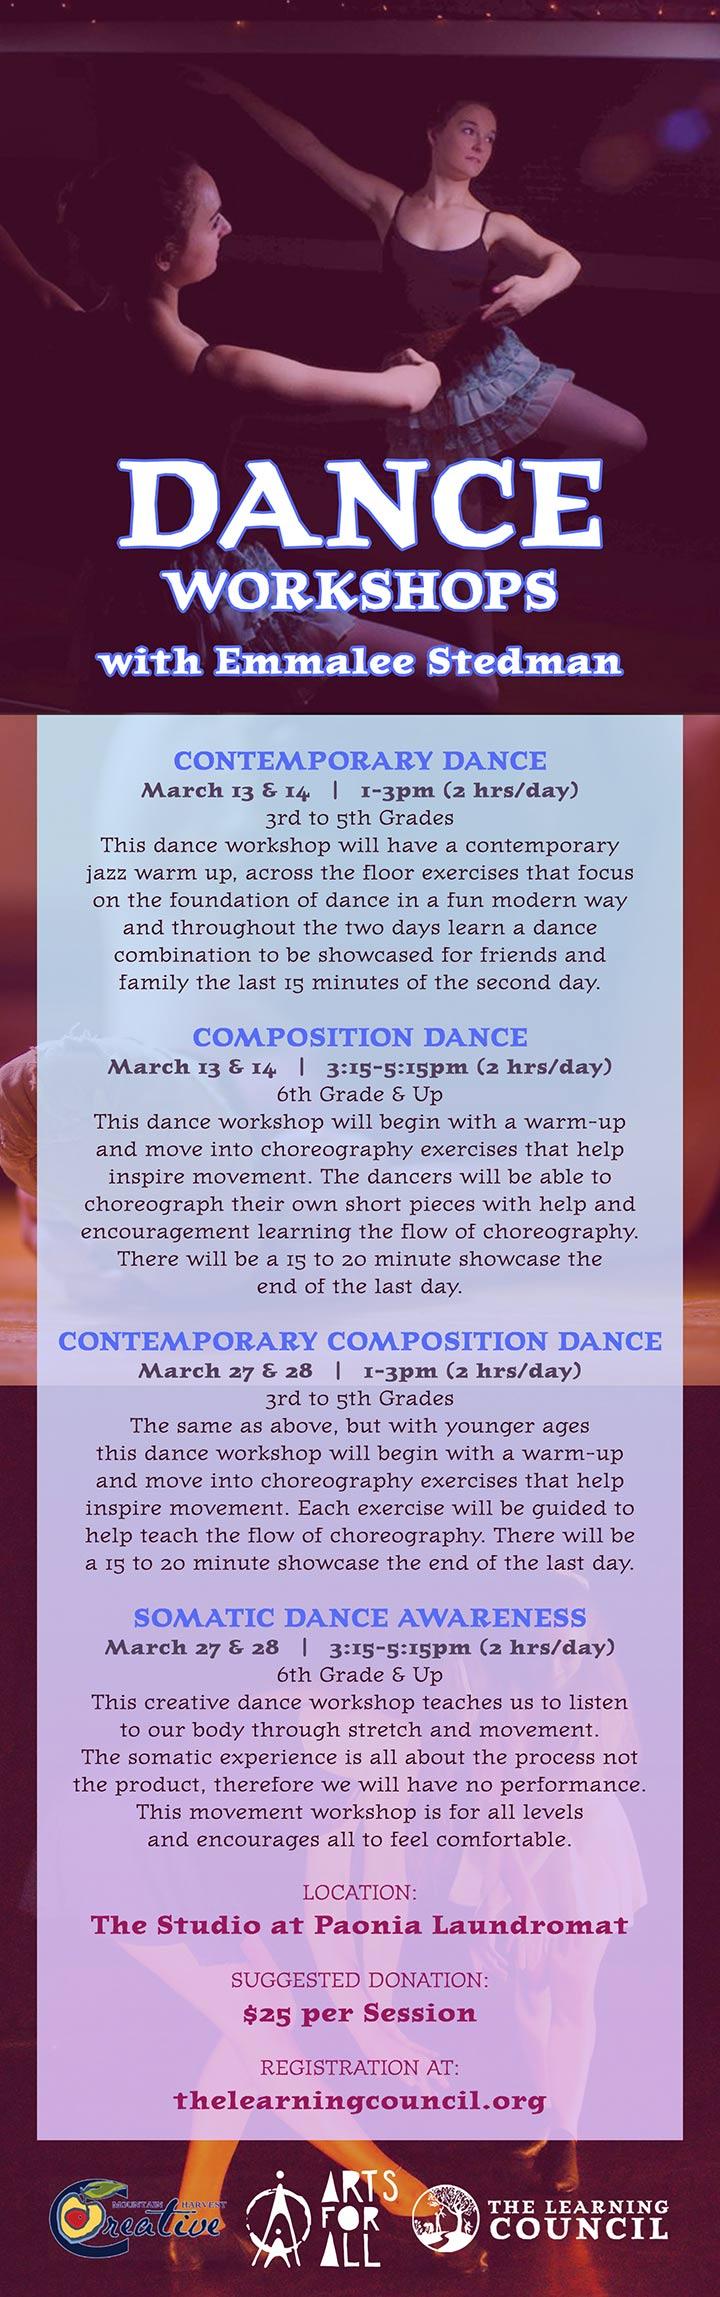 Dance Workshops poster